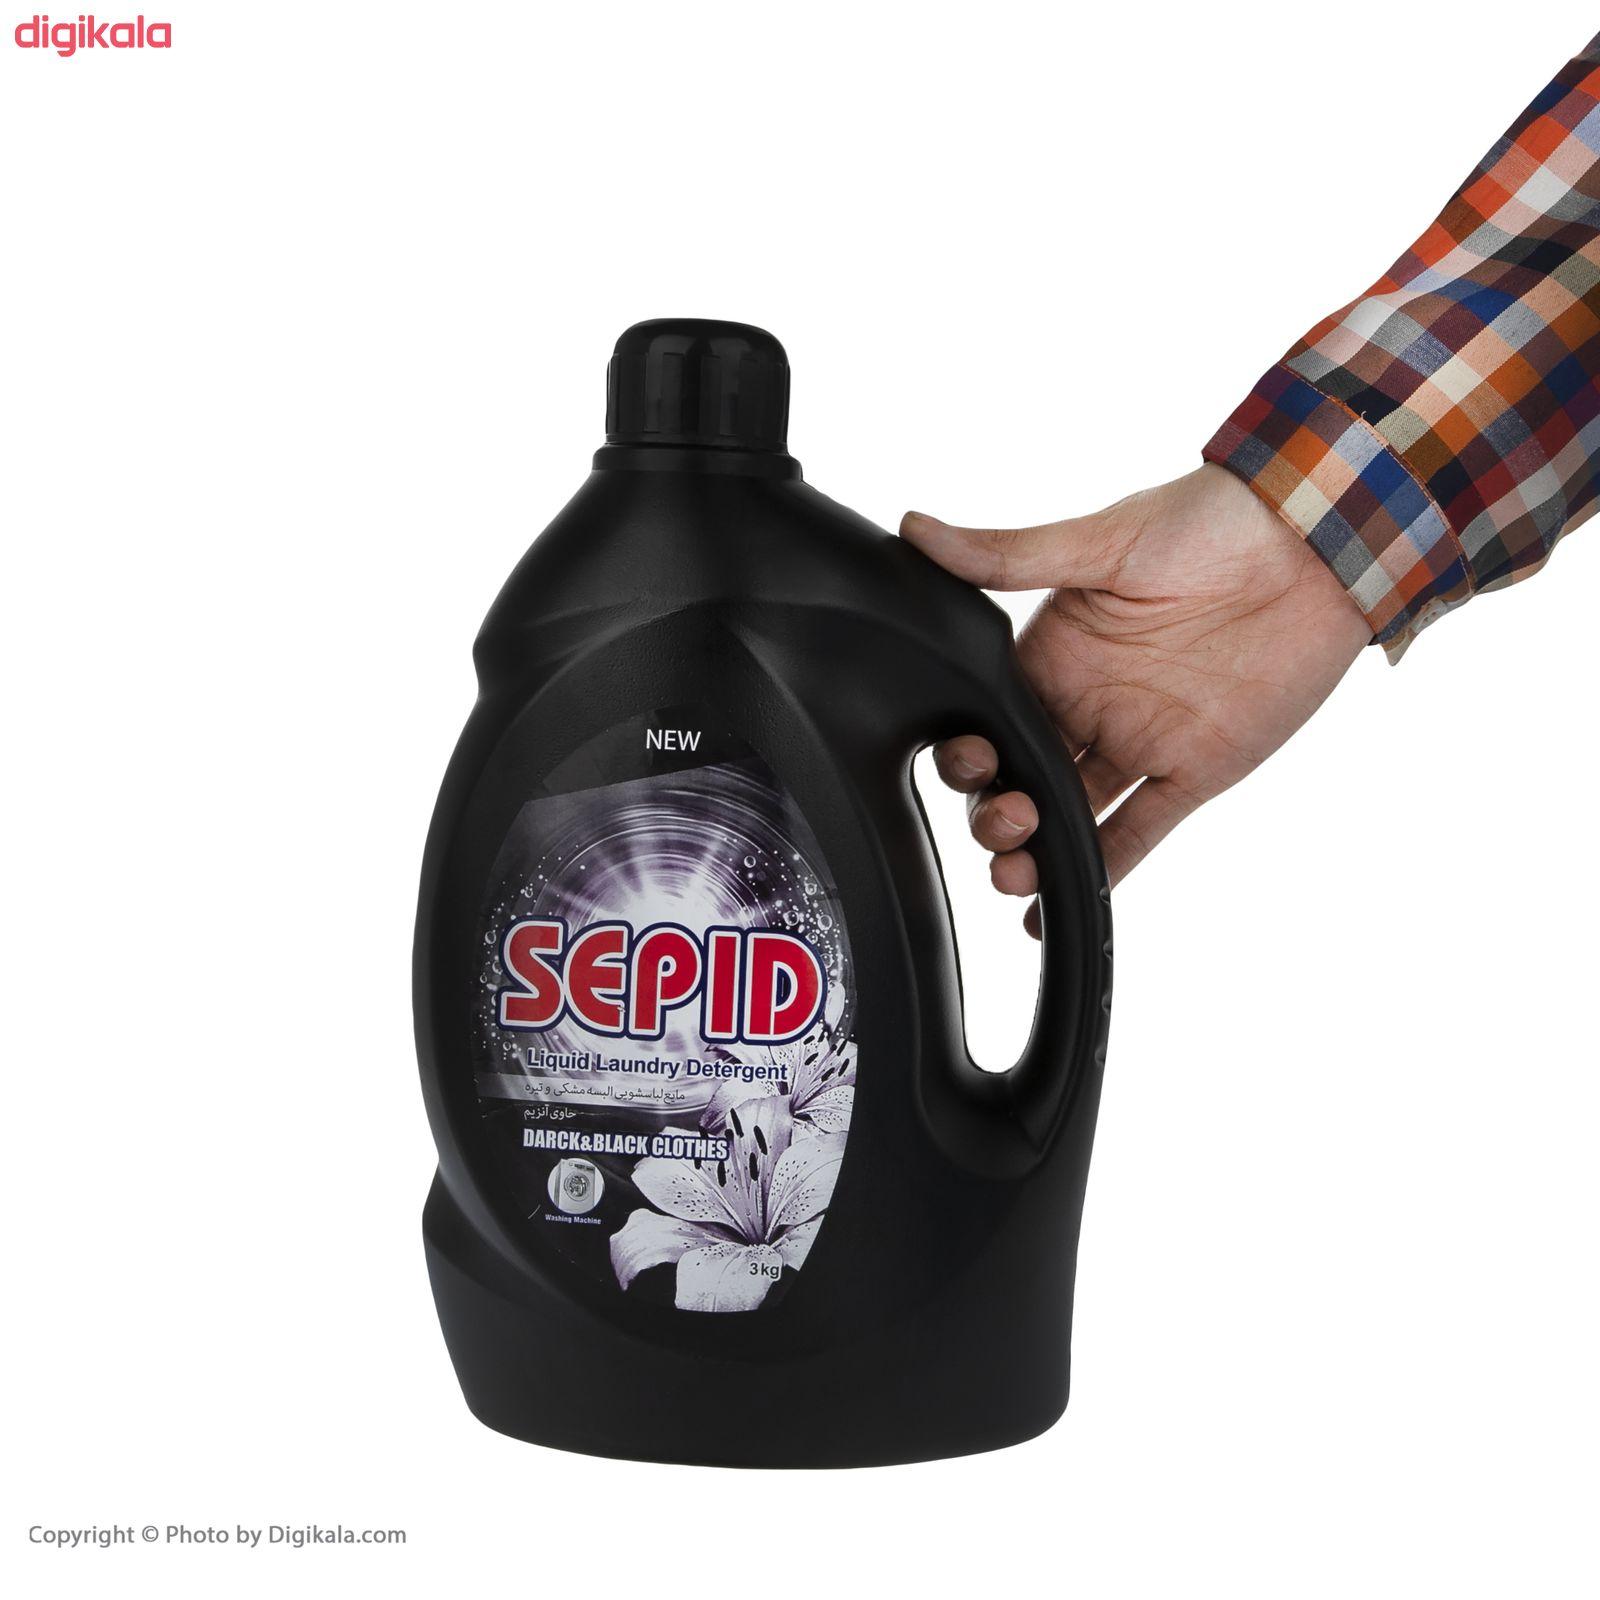 مایع لباسشویی مشکی سپید مقدار 3 کیلوگرم main 1 3